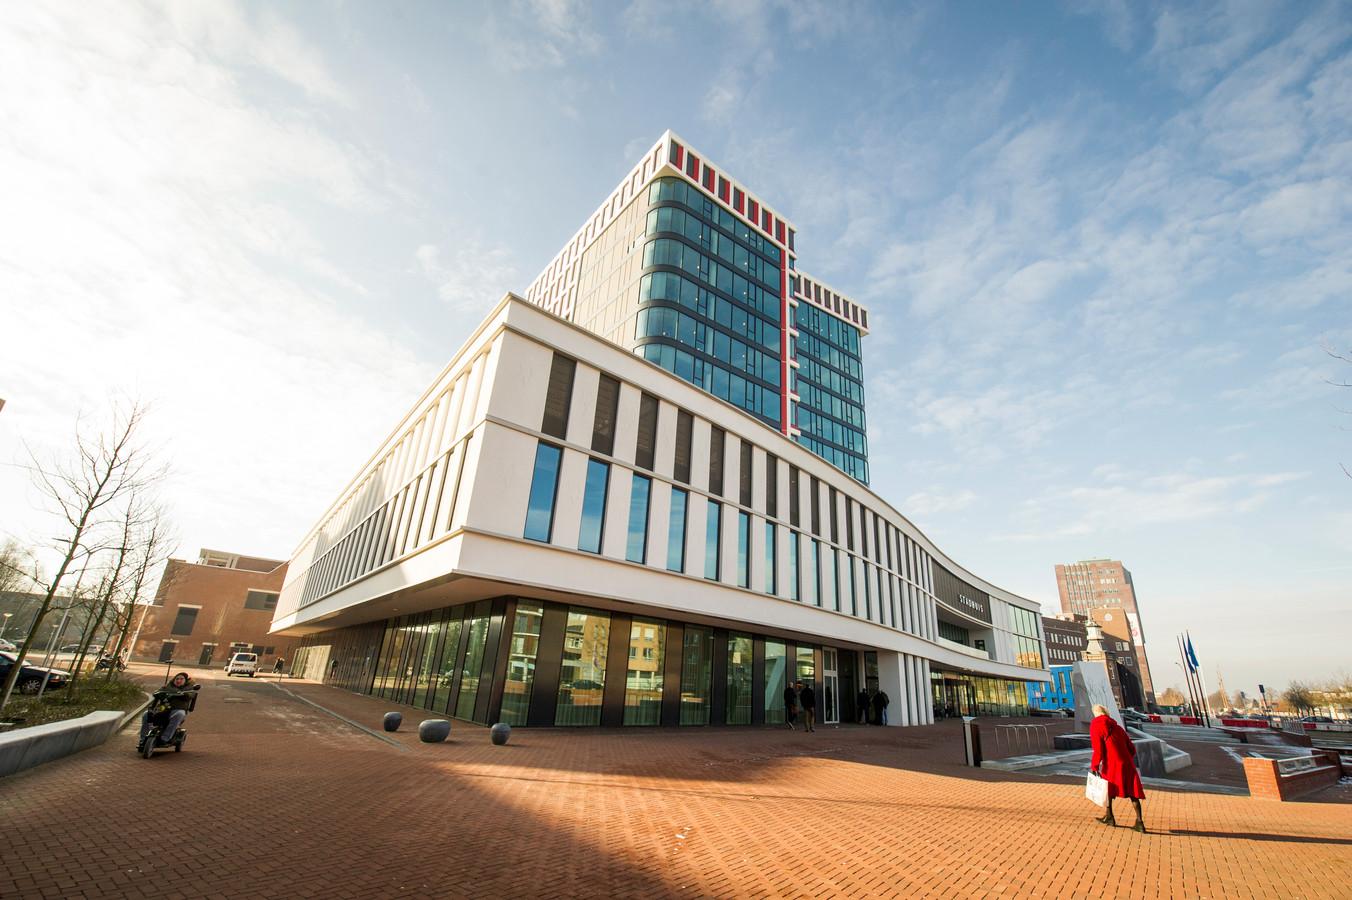 In het Almelose stadhuis gaat de komende jaren veel veranderen. FOTO: Lenneke Lingmont